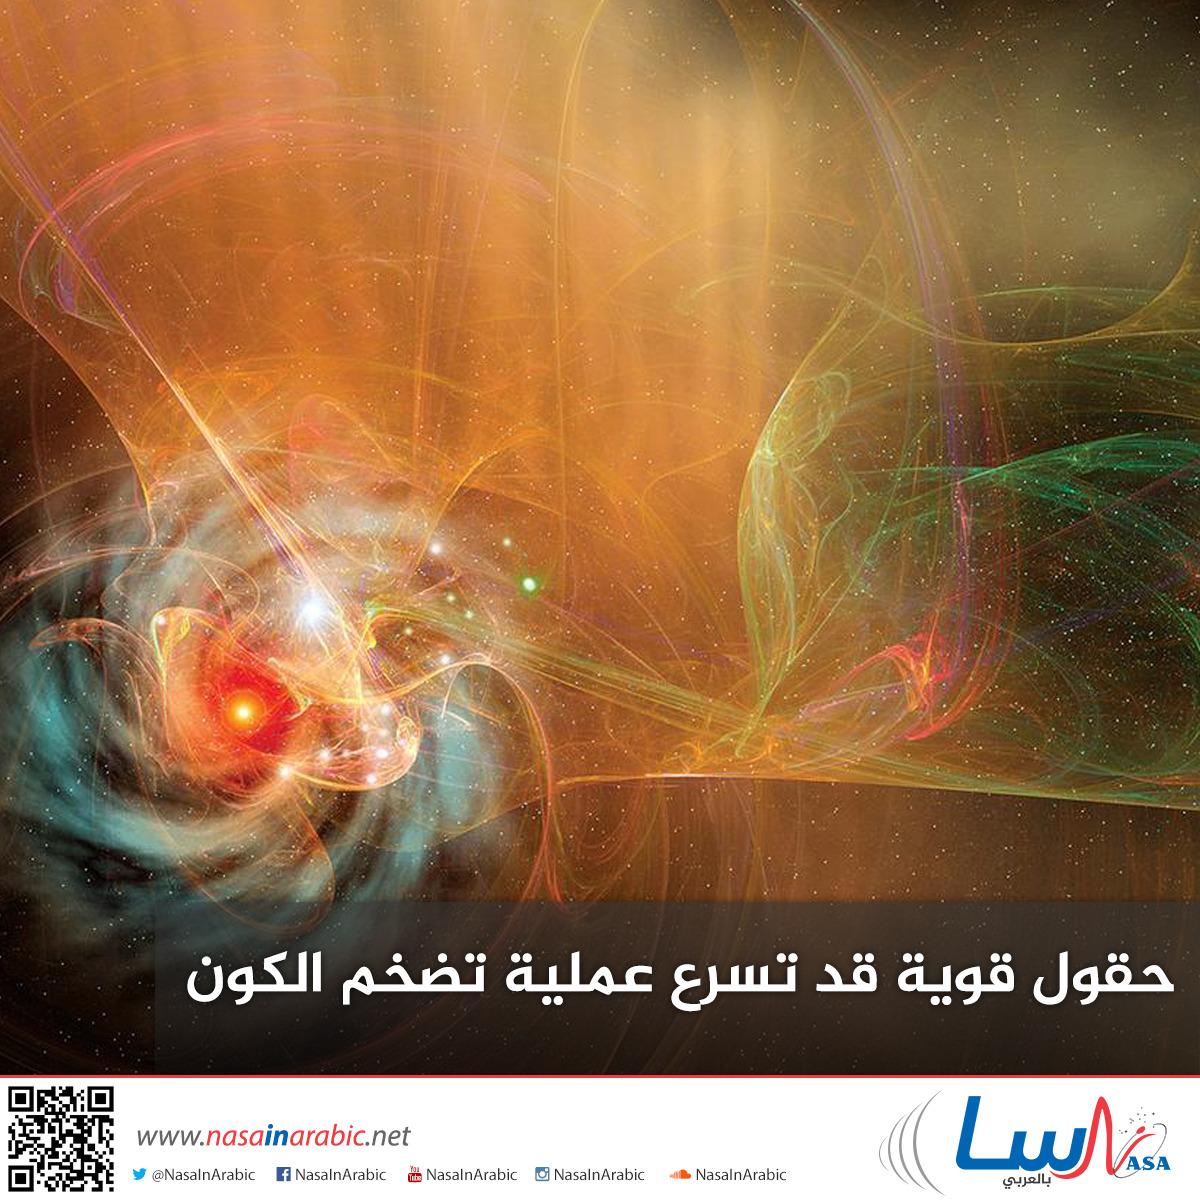 حقول قوية قد تسرع عملية تضخم الكون